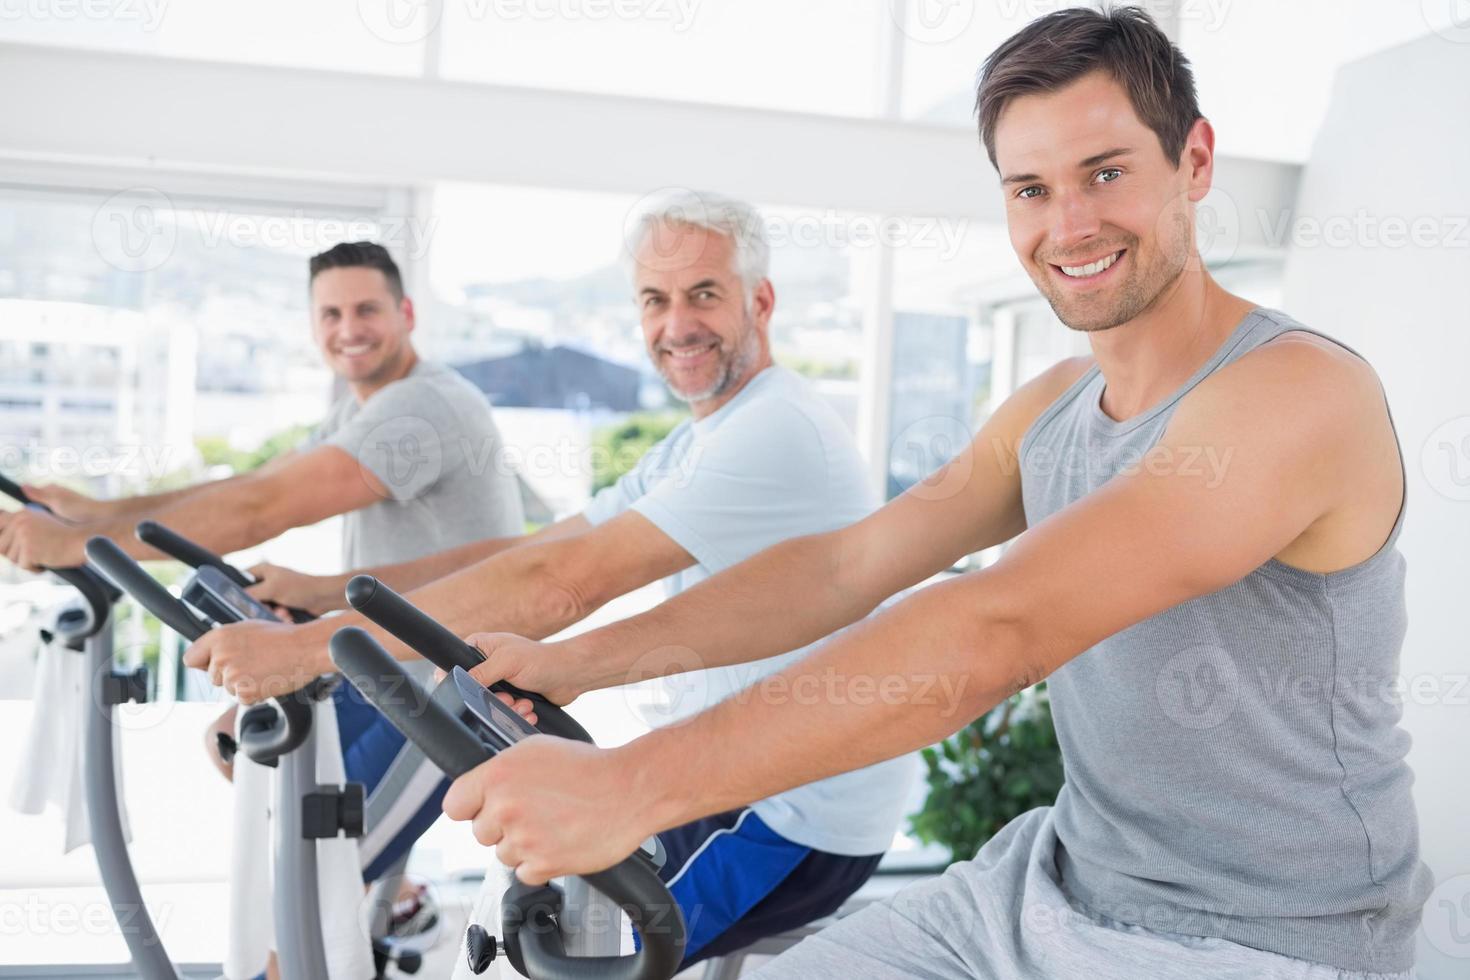 hommes sur des vélos d'exercice photo